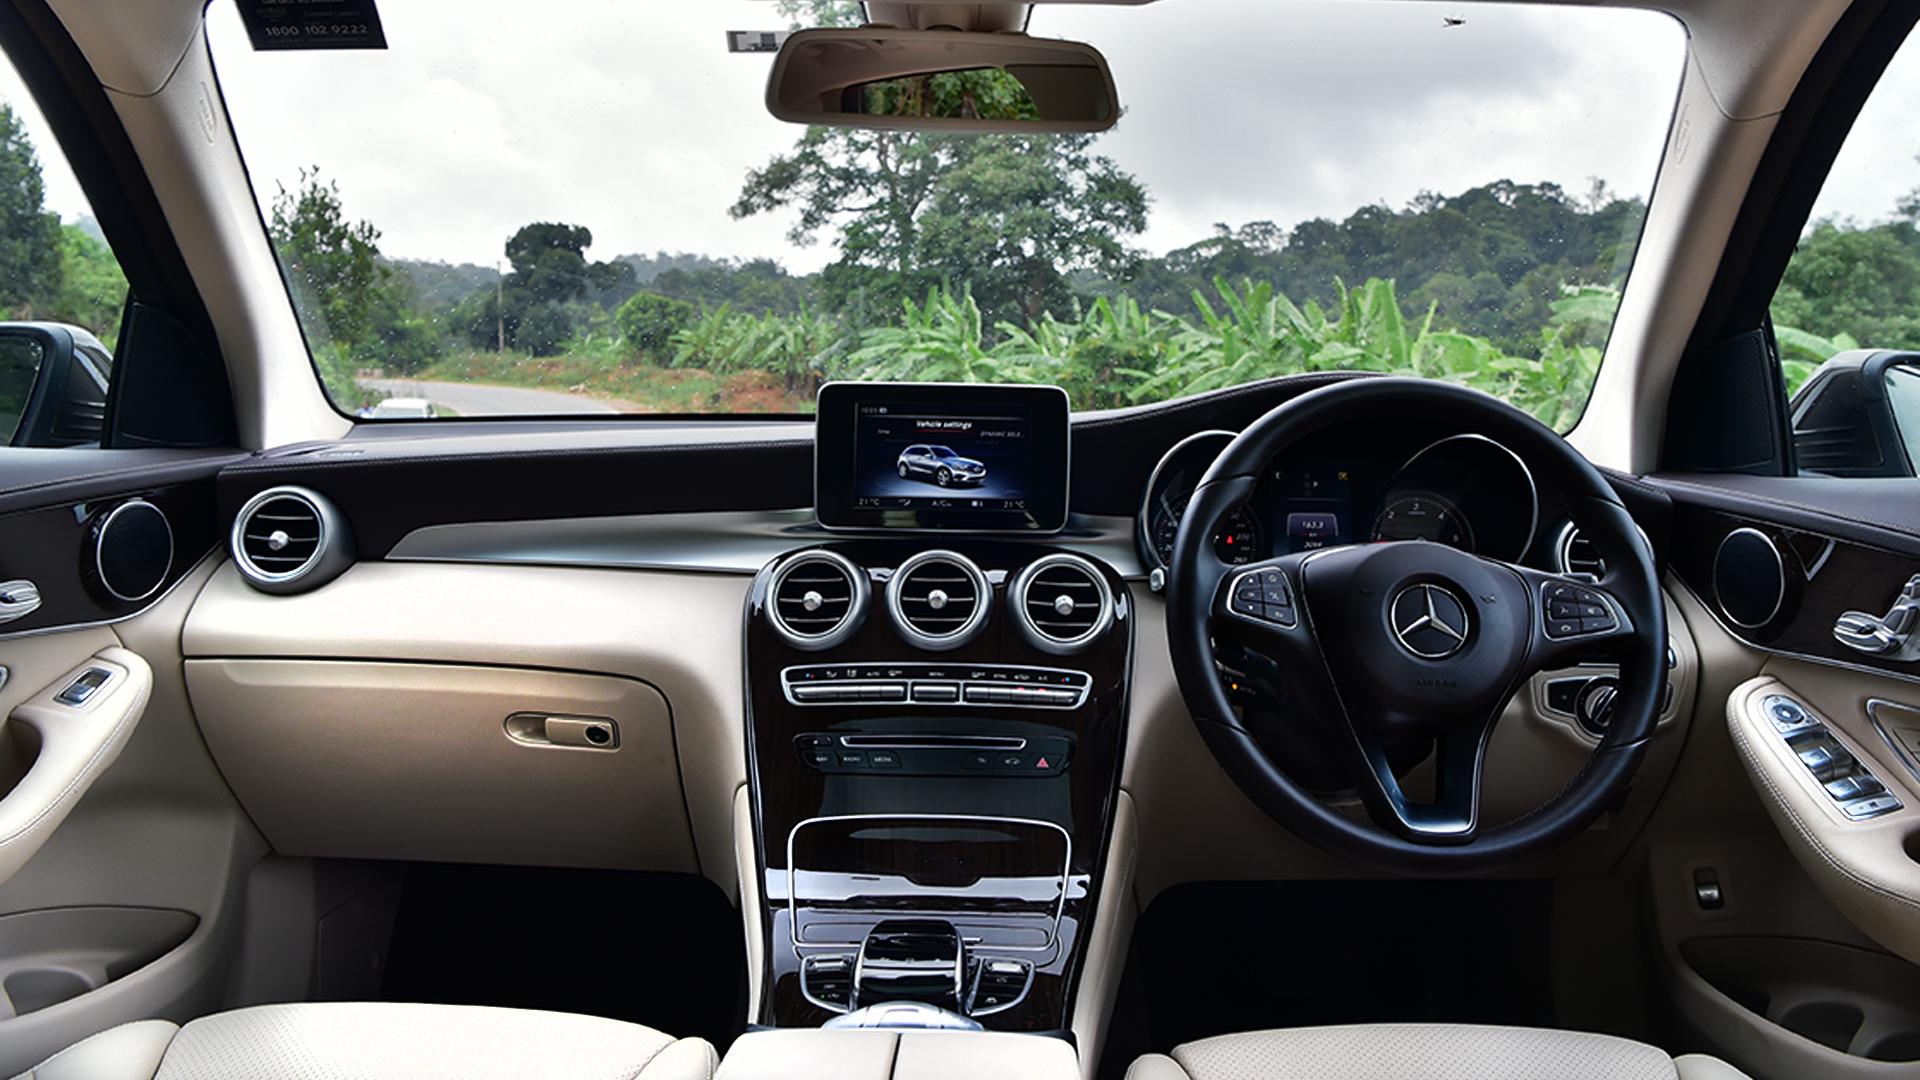 Mercedes-Benz GLC 2016 Edition 1 Compare